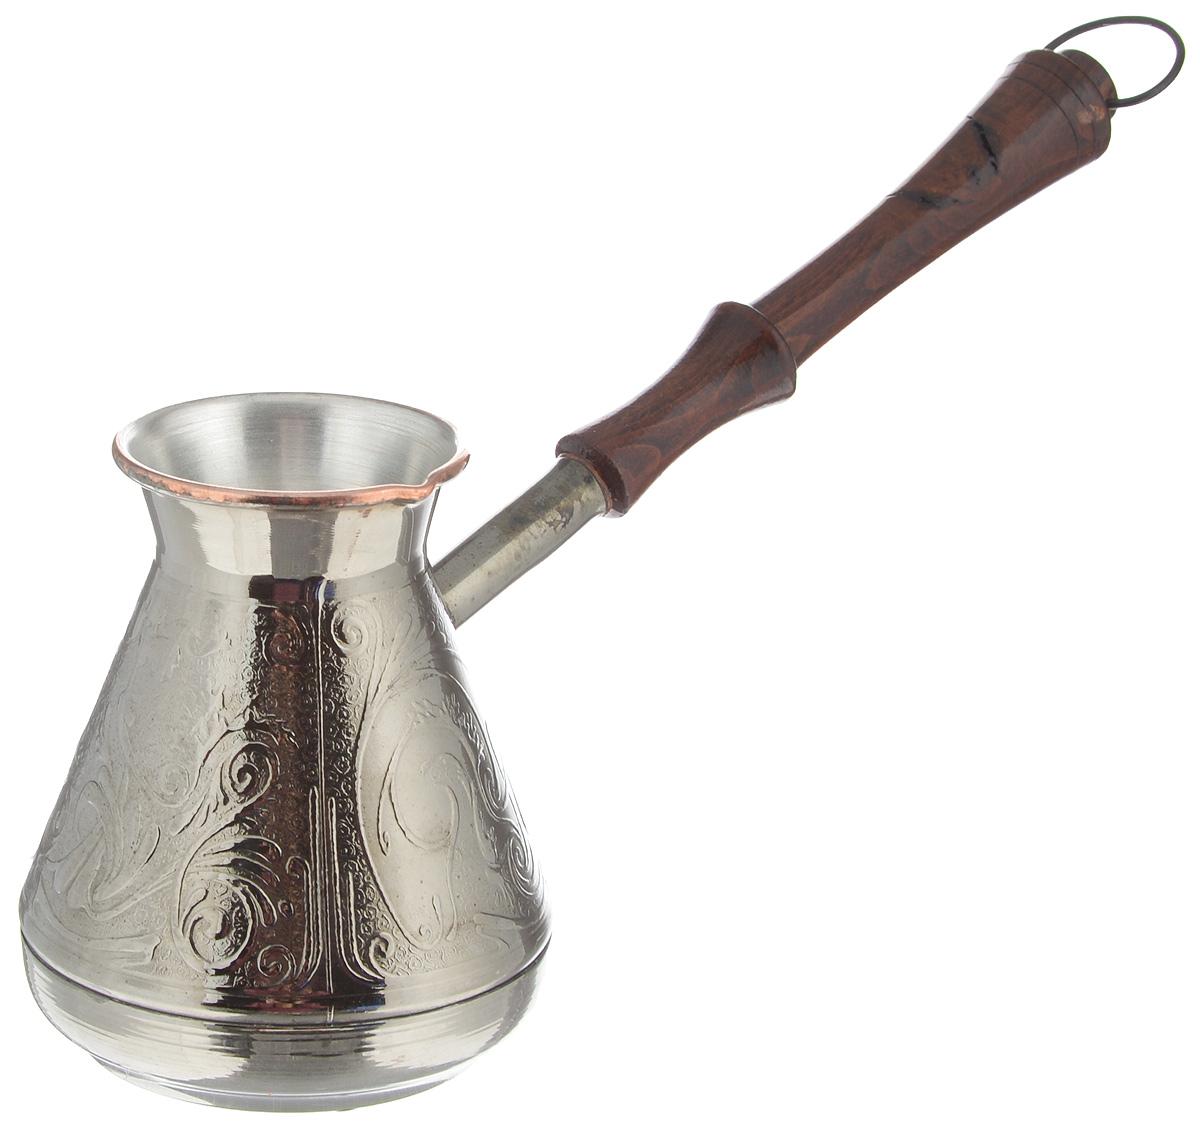 Турка Станица, цвет: серебристый, коричневый, 400 млТурка 400гр-медь (х60)_серебристый, коричневыйТурка Станица прекрасно подходит для приготовления настоящего кофе на плите. Она изготовлена из меди. Внешняя поверхность имеет декоративное теснение, что придает изделию оригинальный внешний вид. Изделие оснащено небольшим носиком и удобной не нагревающейся деревянной ручкой с петелькой для подвешивания. Надежное крепление ручки гарантирует безопасное использование. Такая турка будет красивым дополнением в вашем уютном доме. Подходит для газовых и электрических плит. Не подходит для индукционных. Не использовать в посудомоечной машине. Также не допускается применение металлических щеток и абразивных моющих средств. Диаметр (по верхнему краю): 6 см. Высота стенки: 10,5 см. Длина ручки: 16 см.